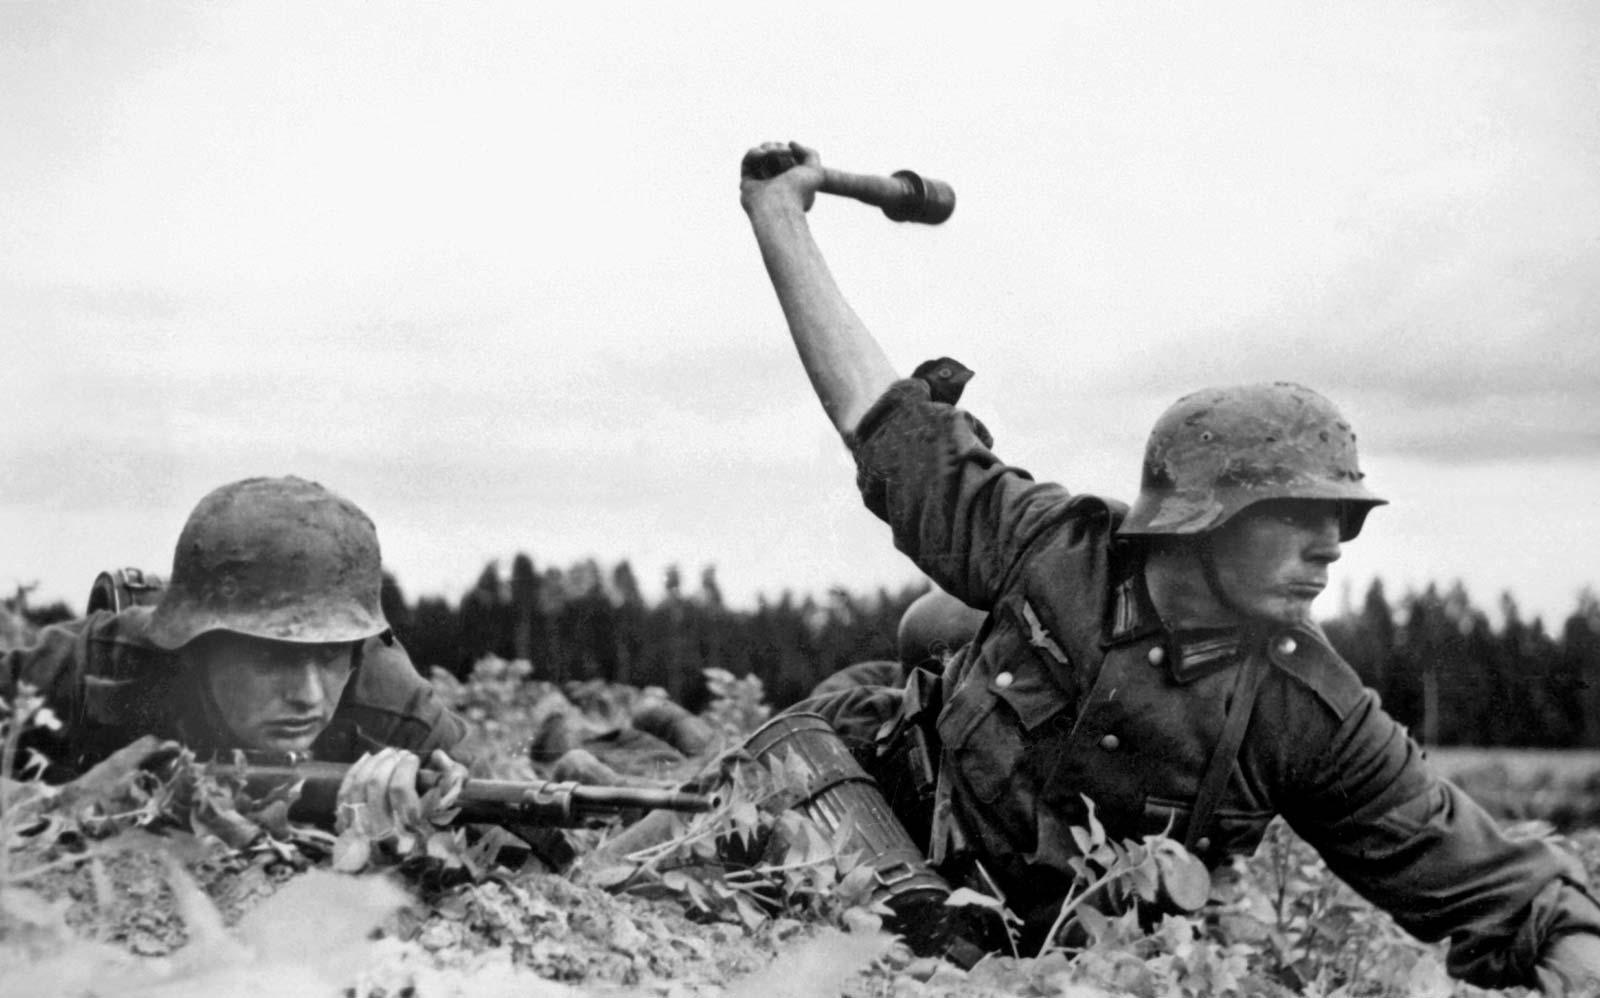 Soldats allemands de loperation barbarosa